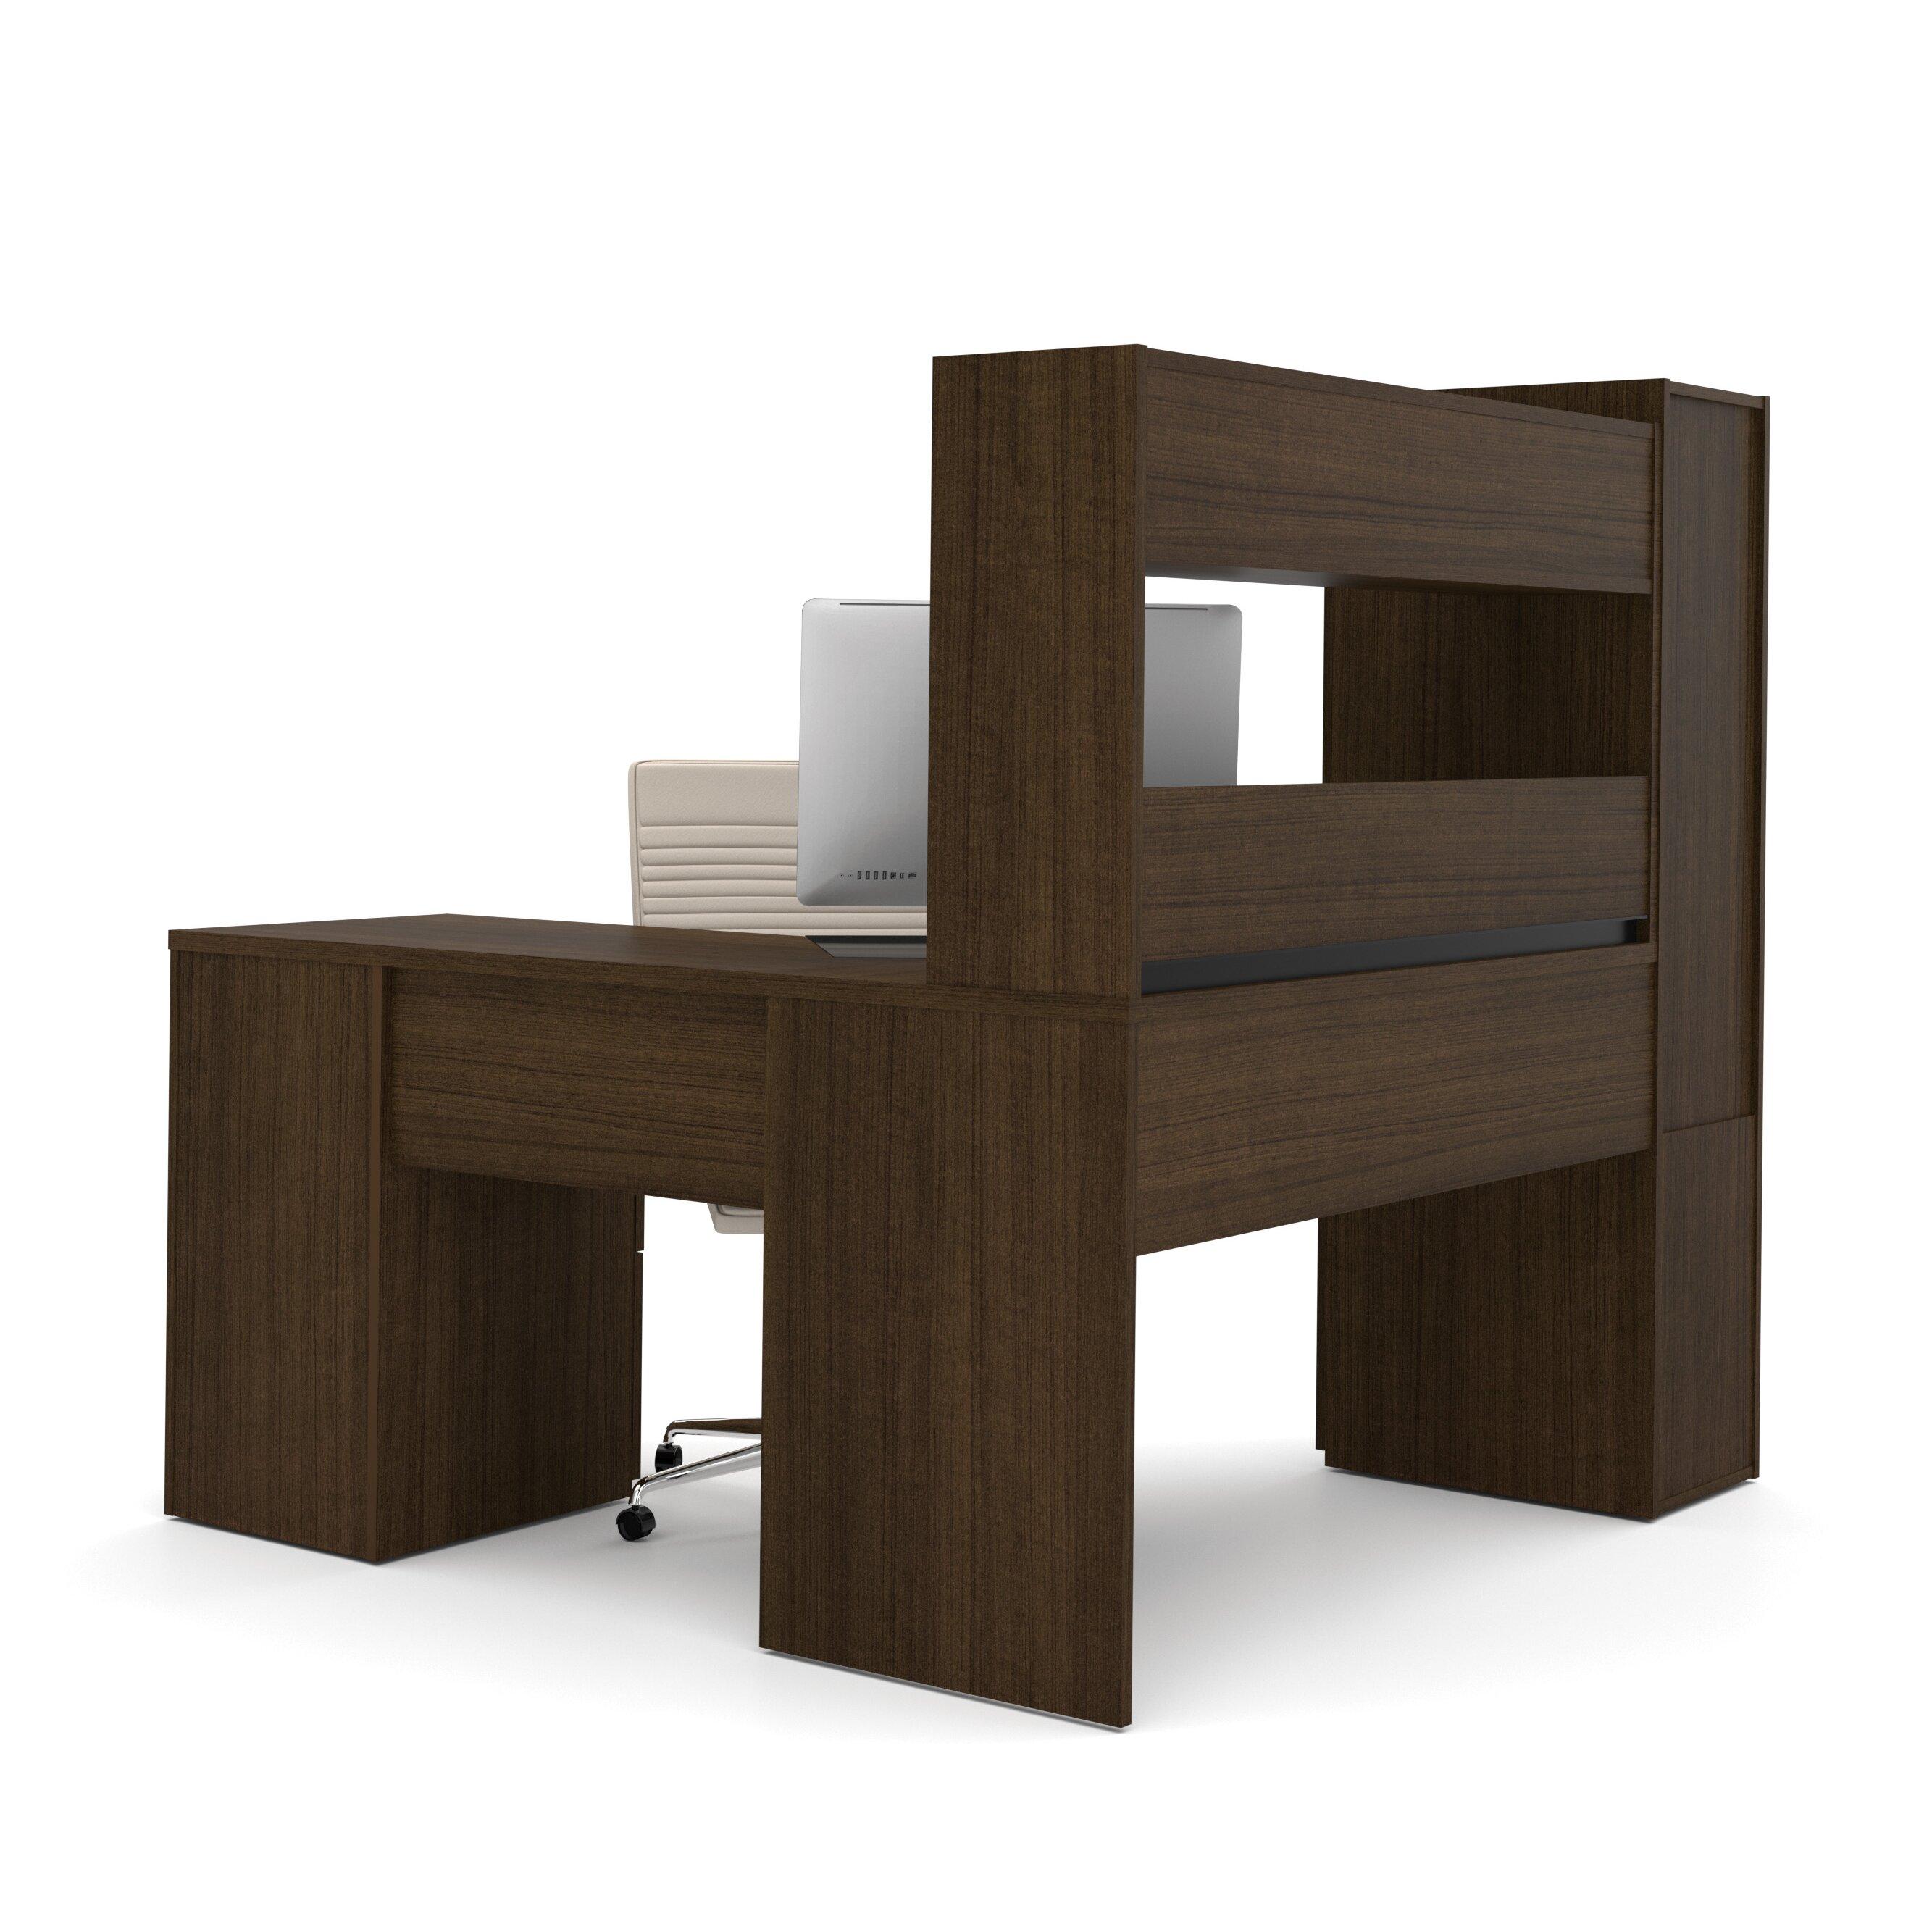 Corner Computer Desk: Bestar Jazz Corner Computer Desk With Hutch & Cabinet